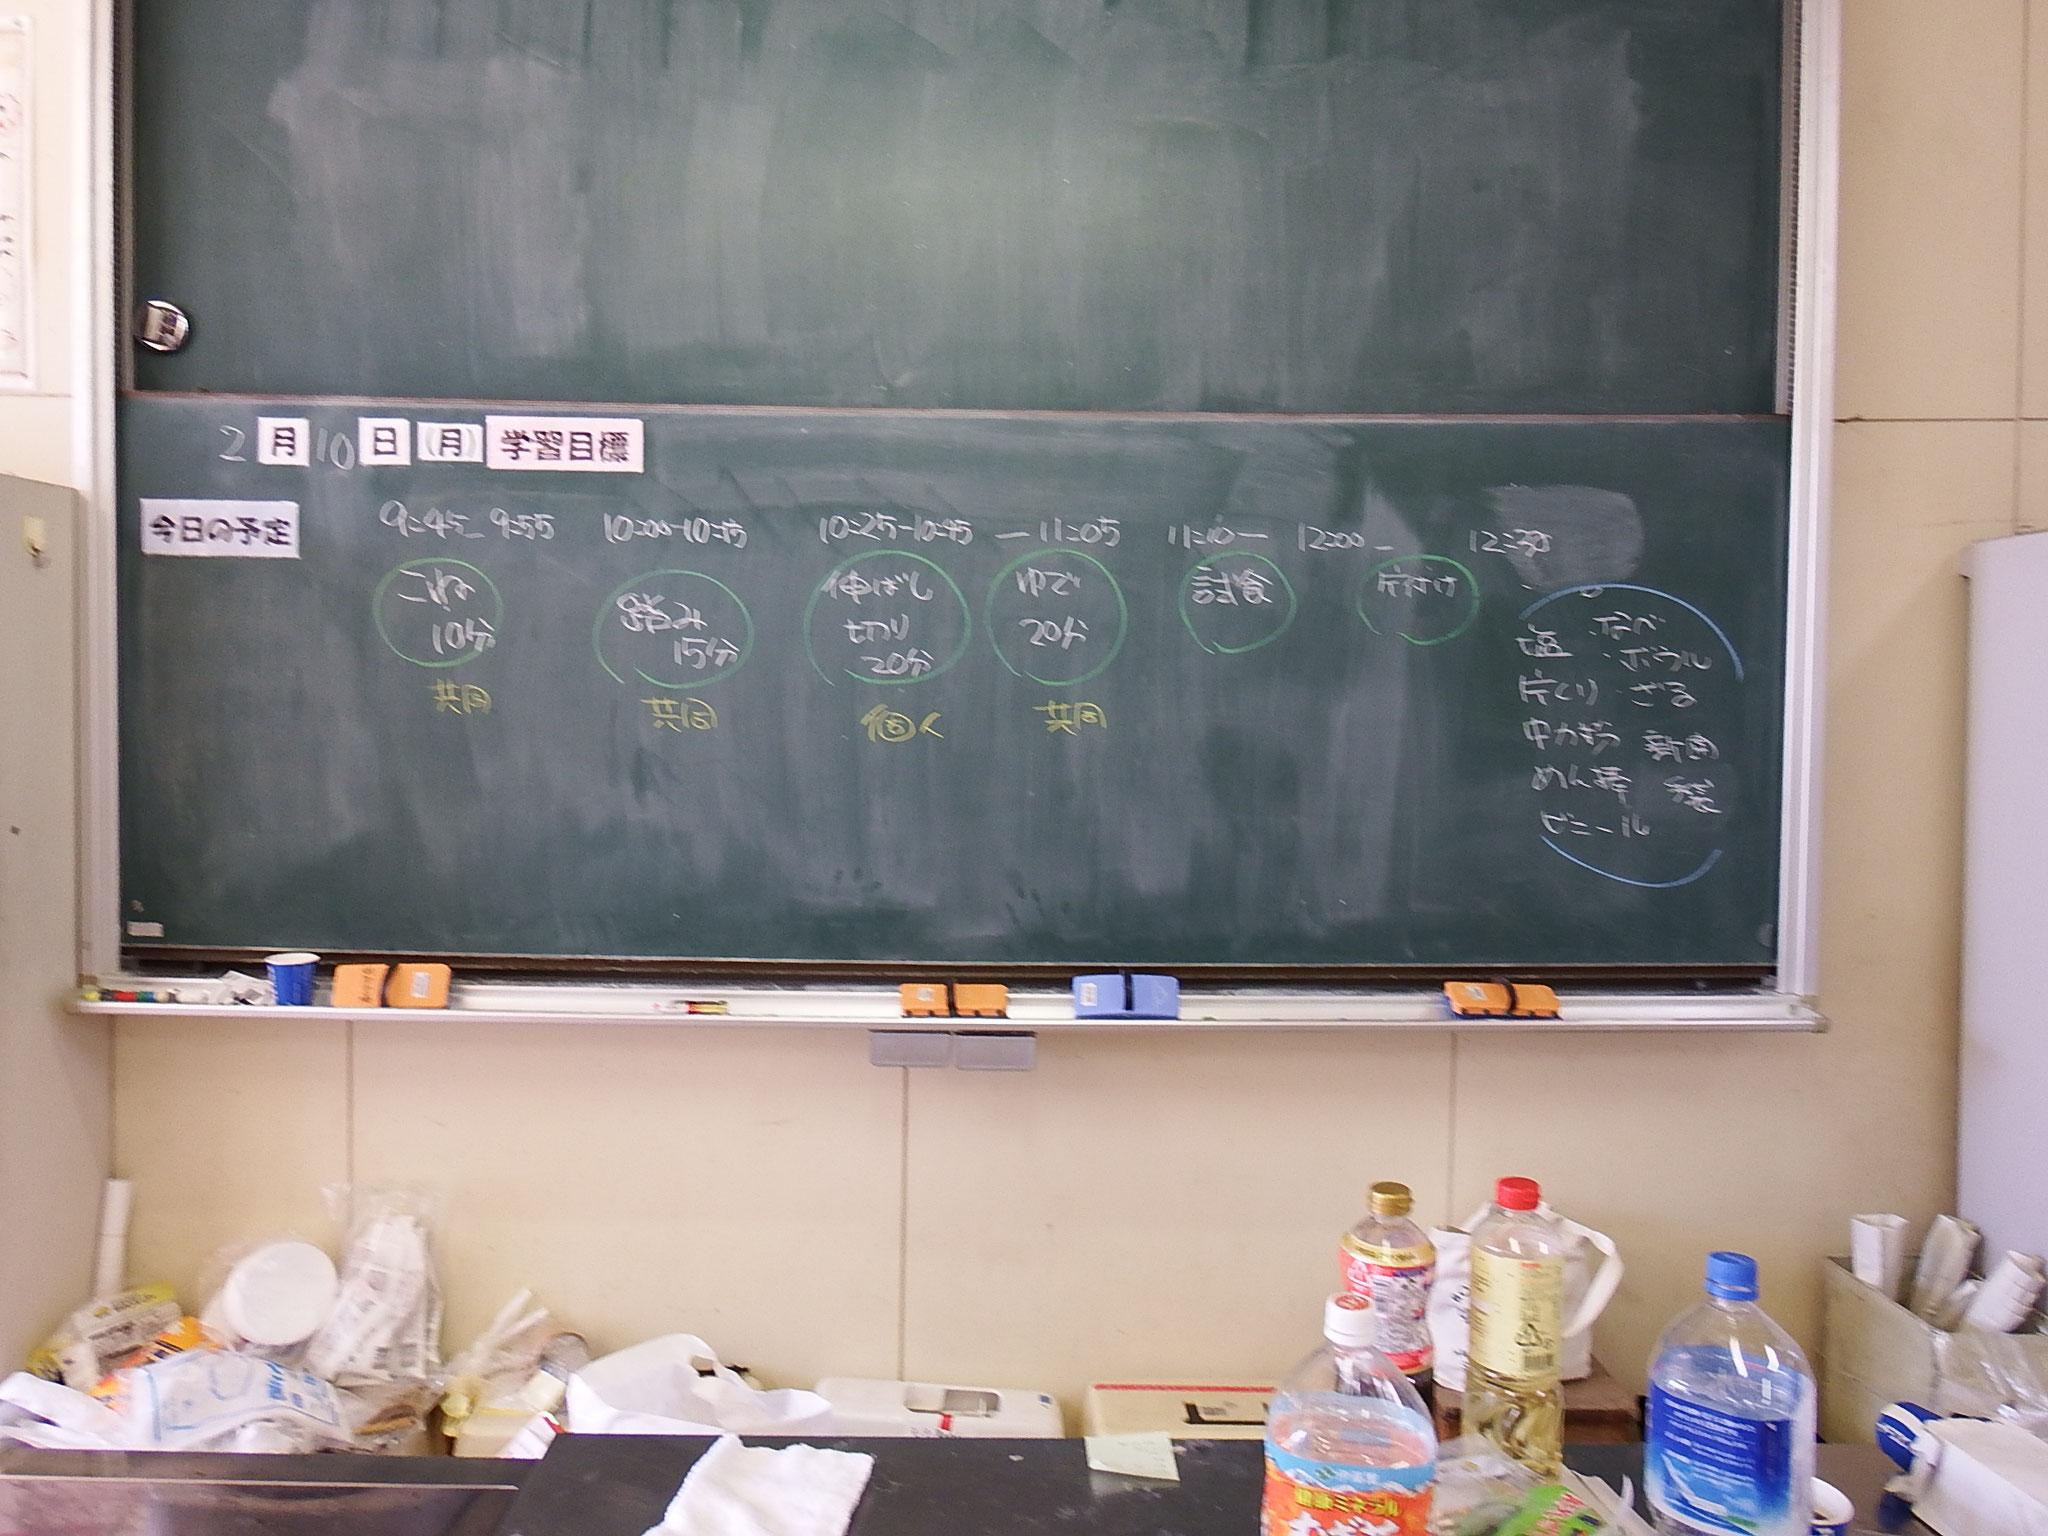 黒板に作業手順書が記載されました